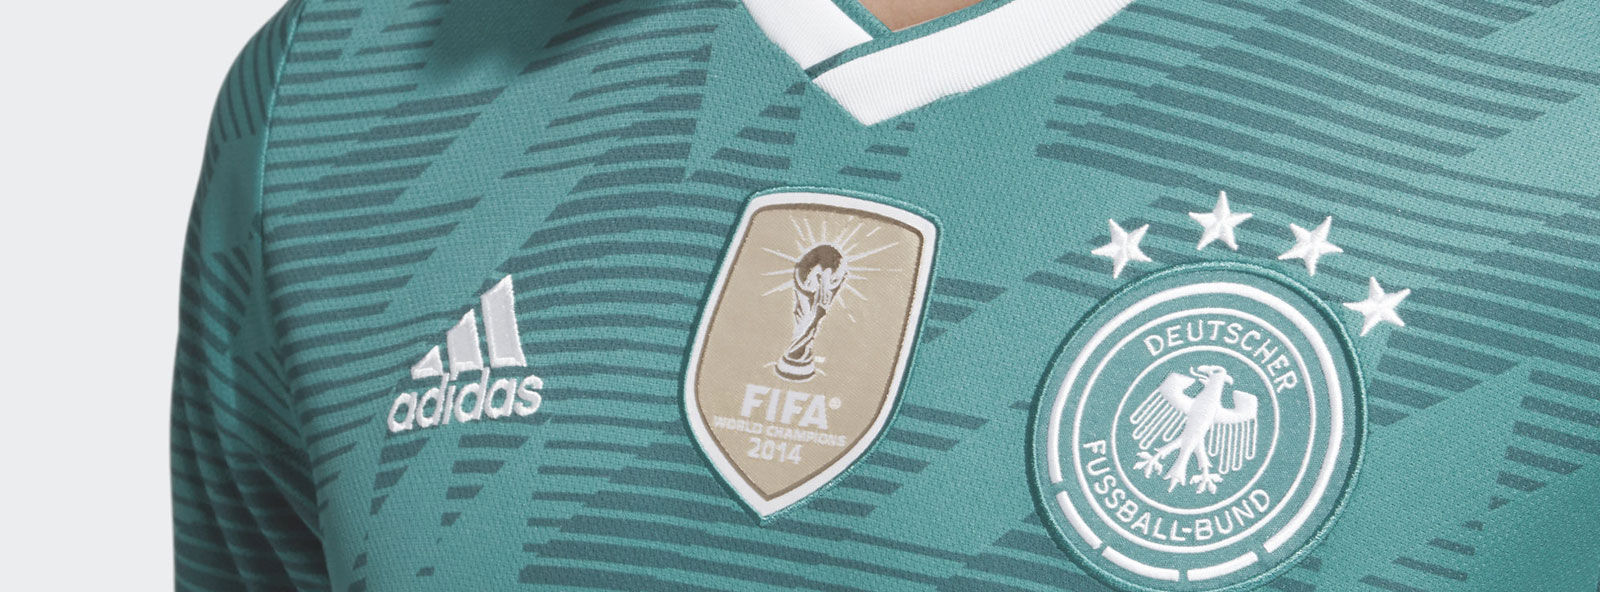 DFB Logo auf dem deutschland trikot auswärts 2018